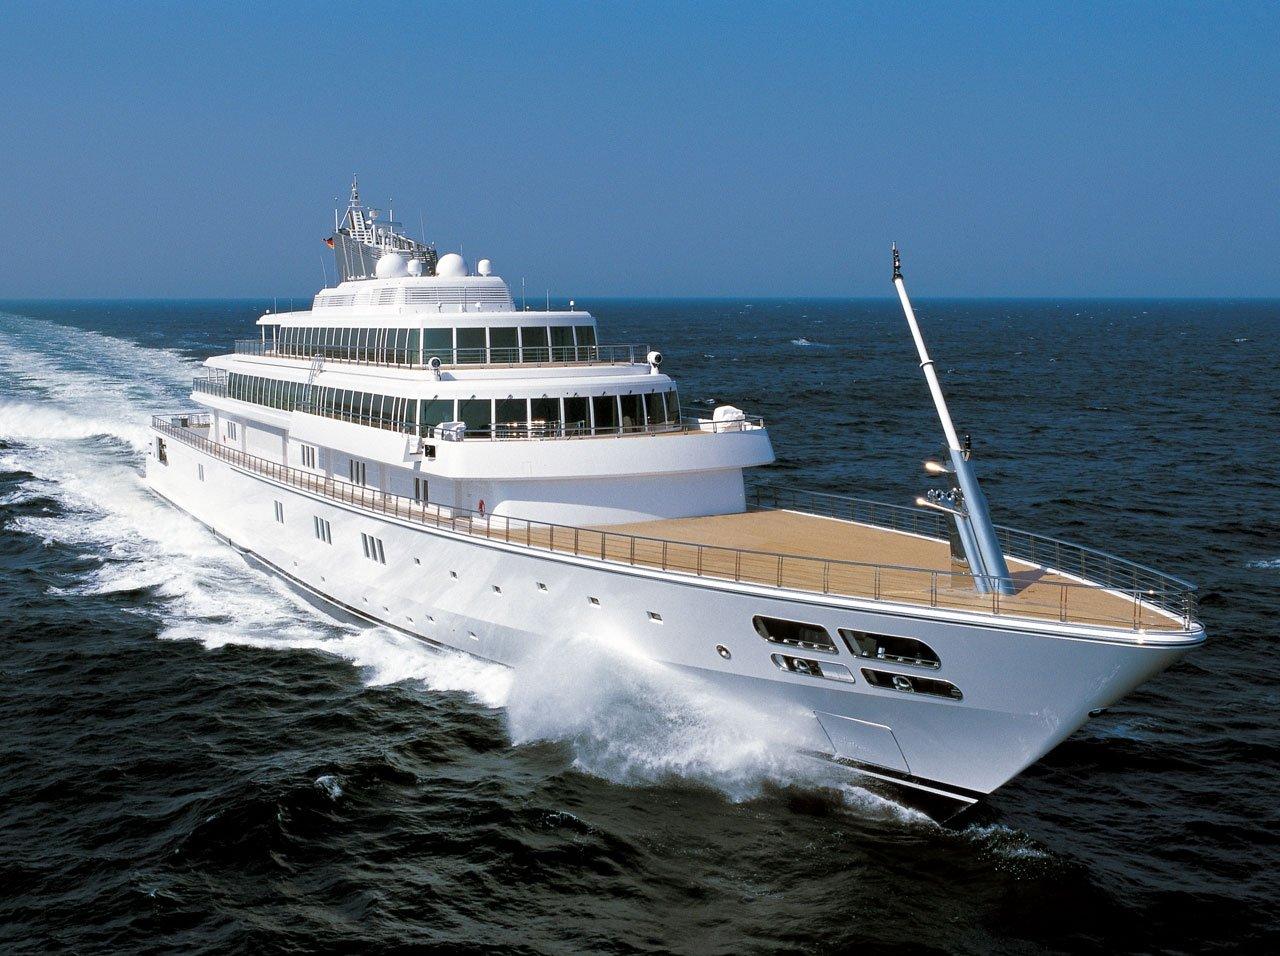 Juliette Lewis Gives T... Leonardo Dicaprio's Yacht